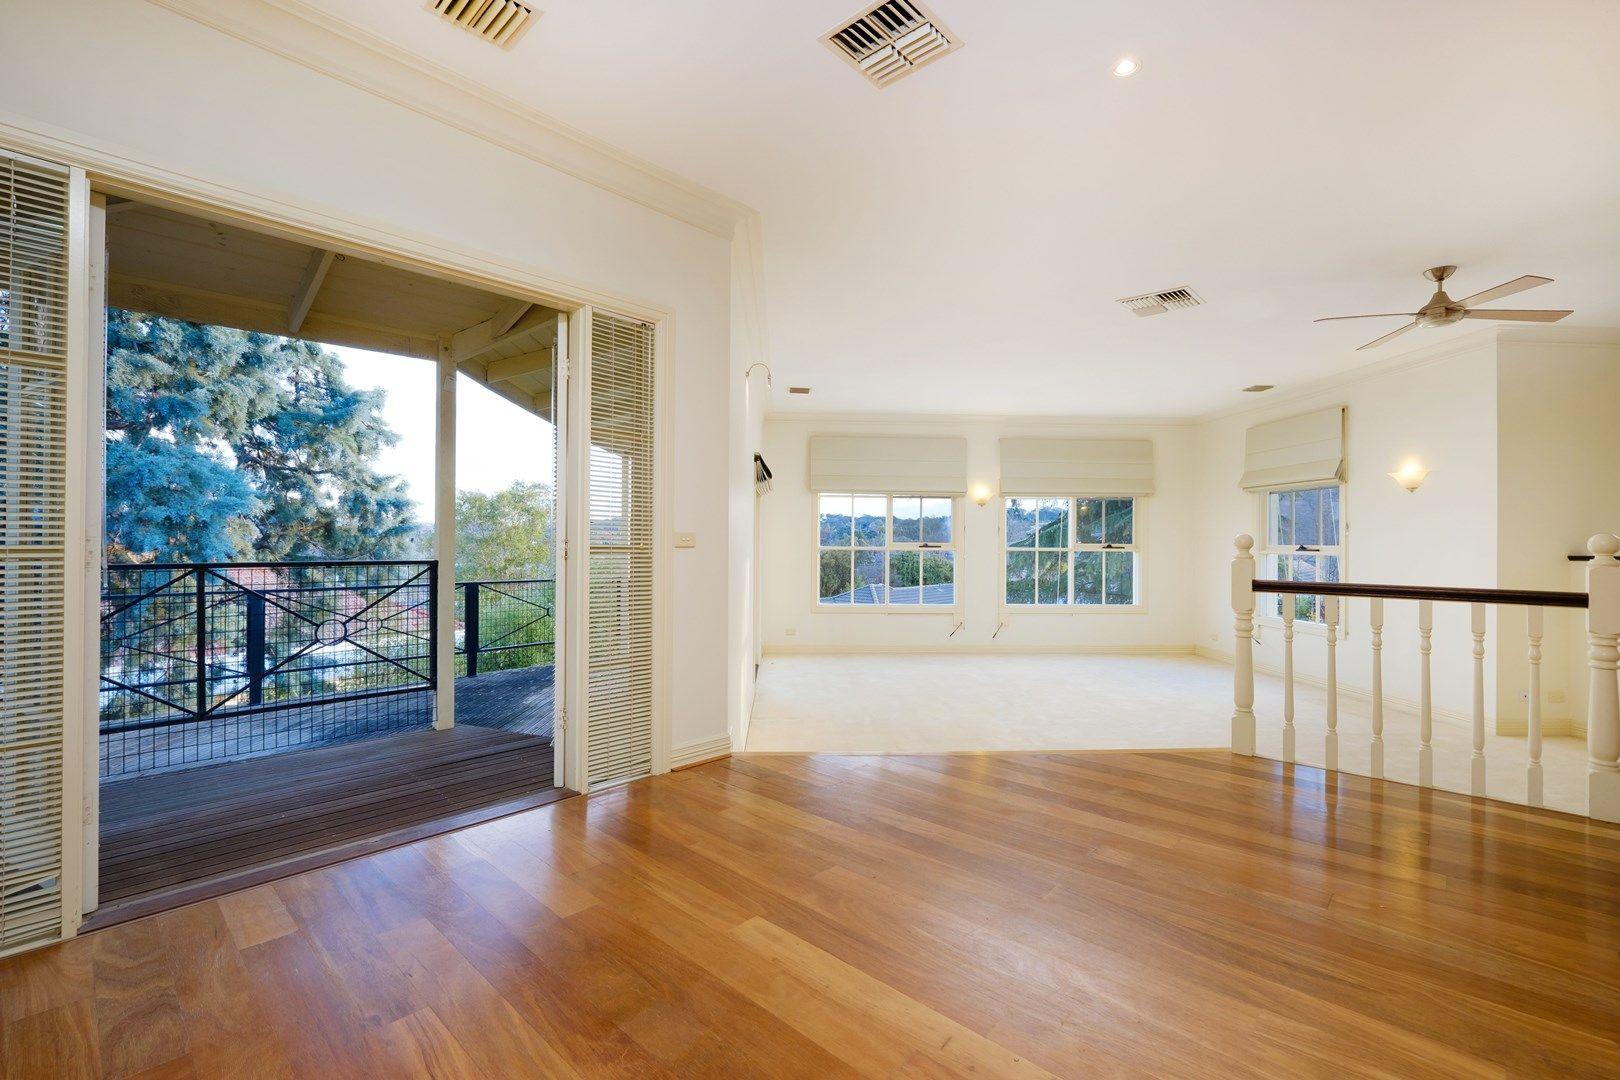 2/585 Queen Street, Albury NSW 2640, Image 0